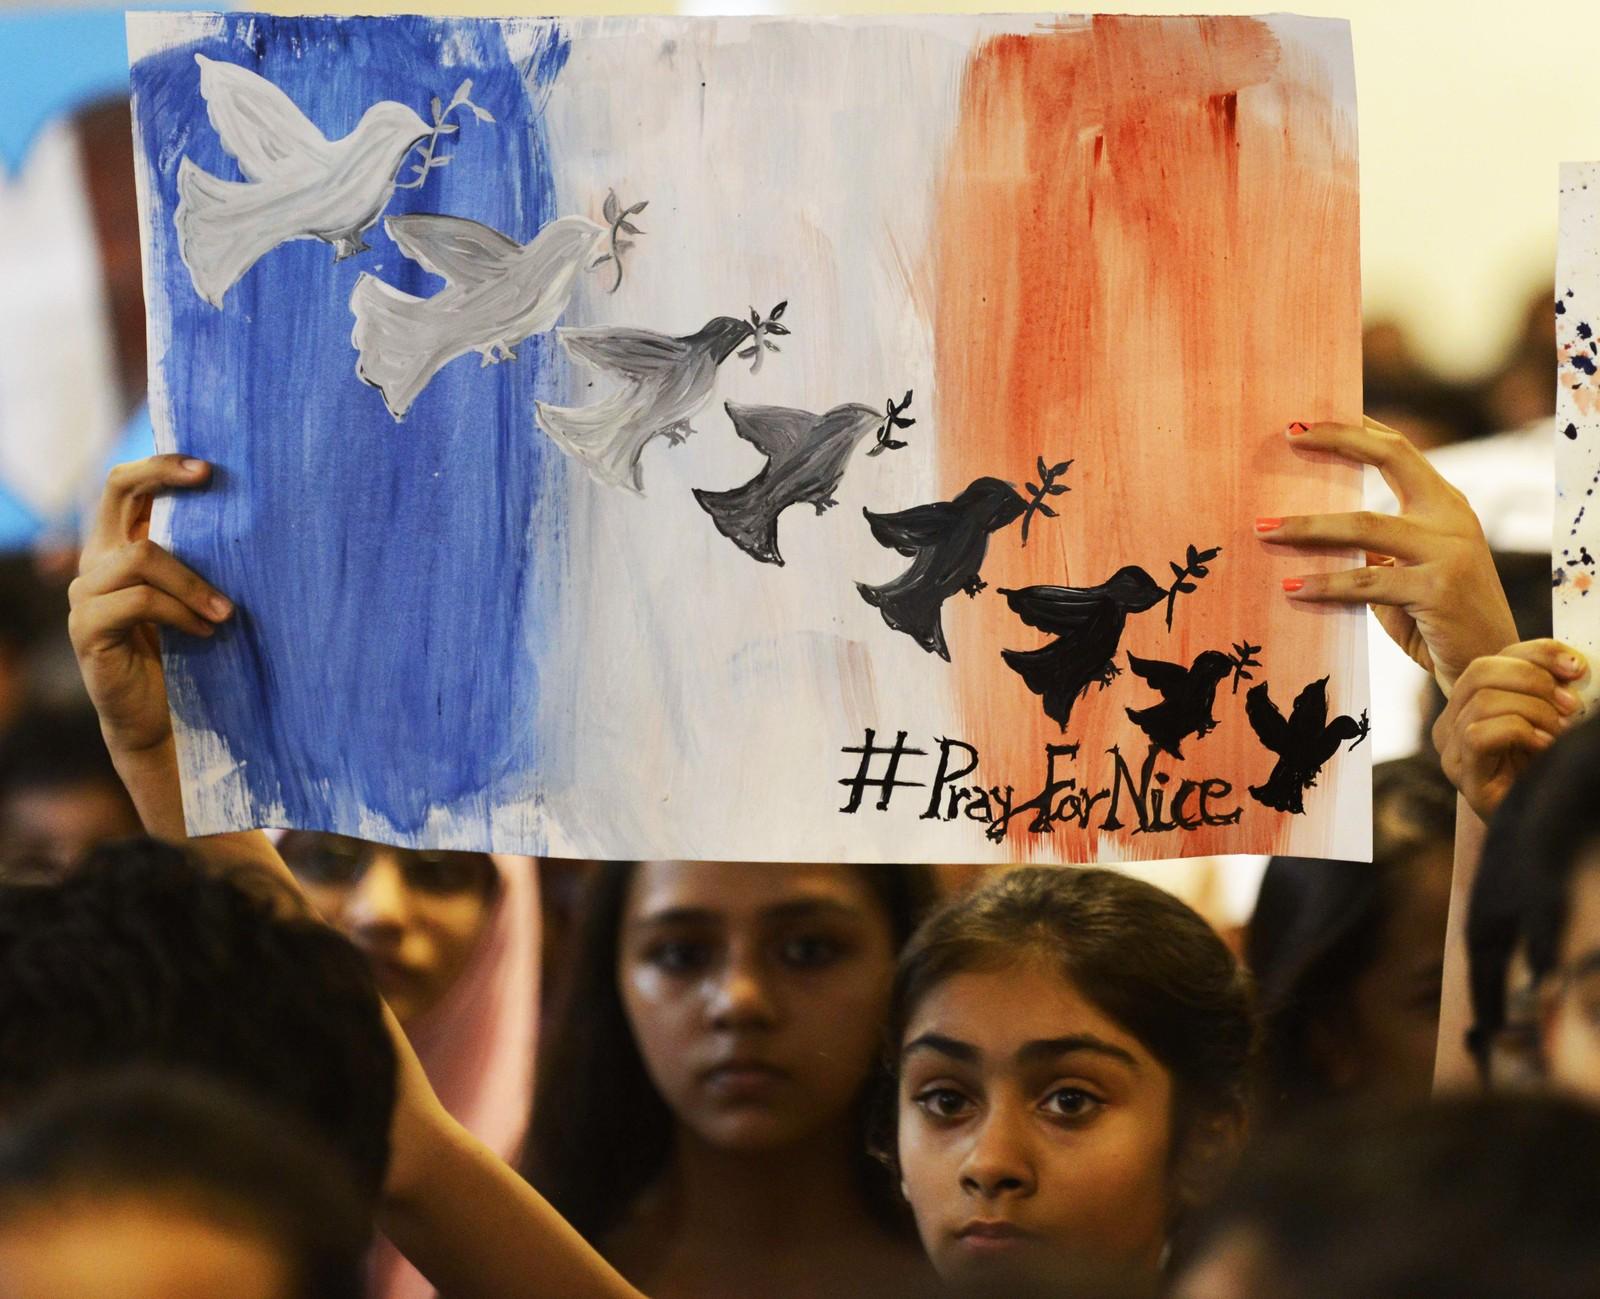 Studenter på den internasjonale Mahatma Gandhi- skolen i Ahmedabad i India holdt en minnestund for ofrene i Nice.